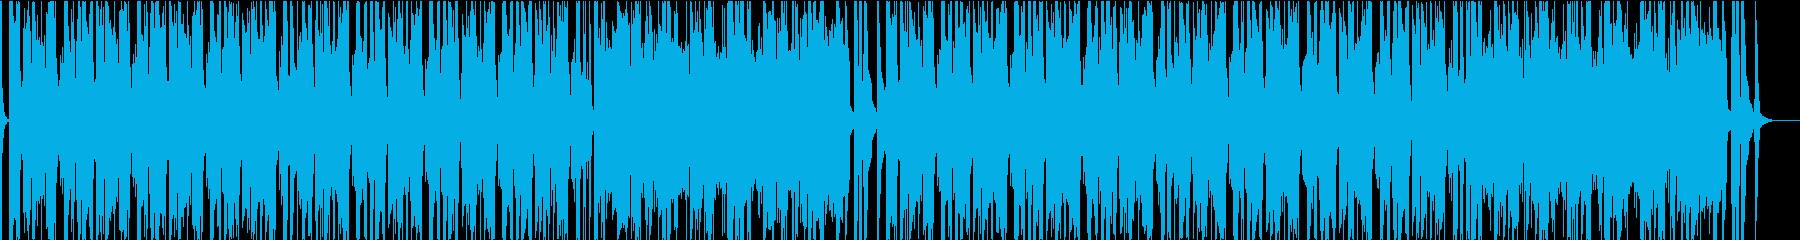 軽快なファンクポップの再生済みの波形